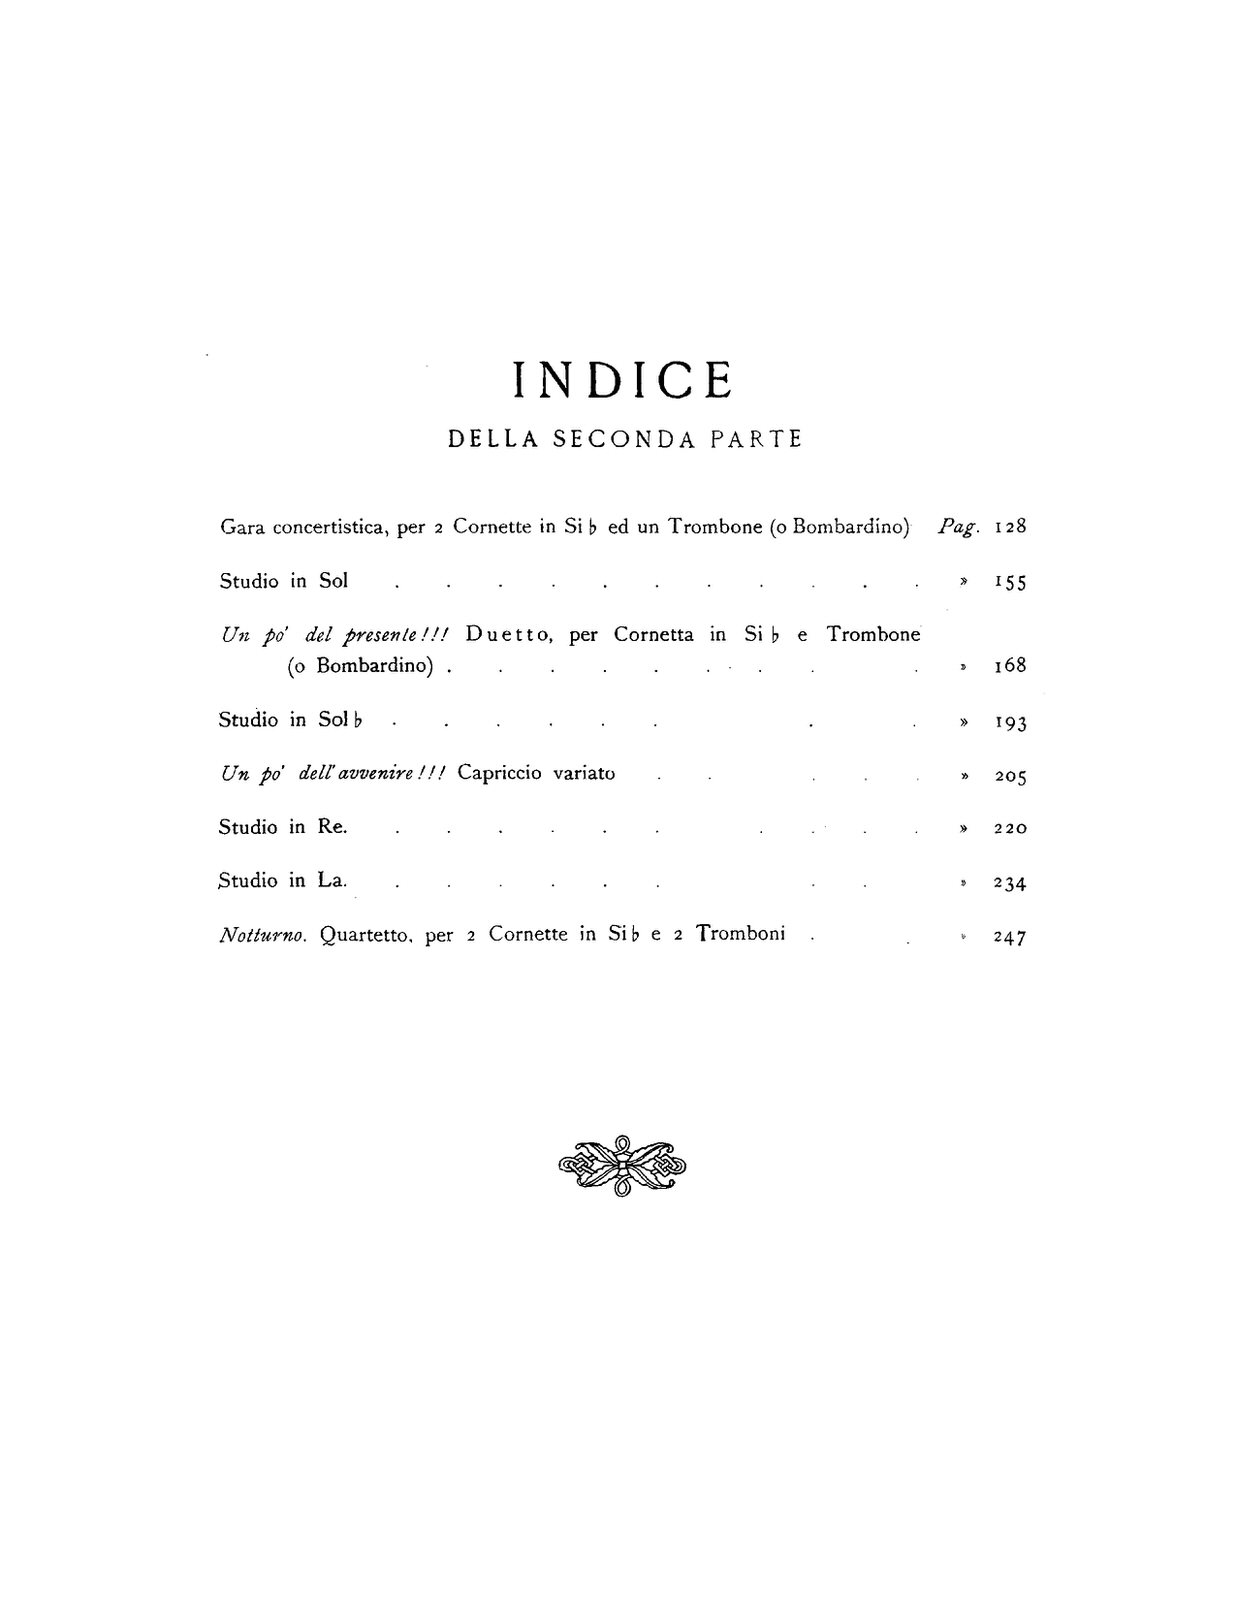 Gatti, La Scuola Di Perfezionamento Complete, Piano Score-1